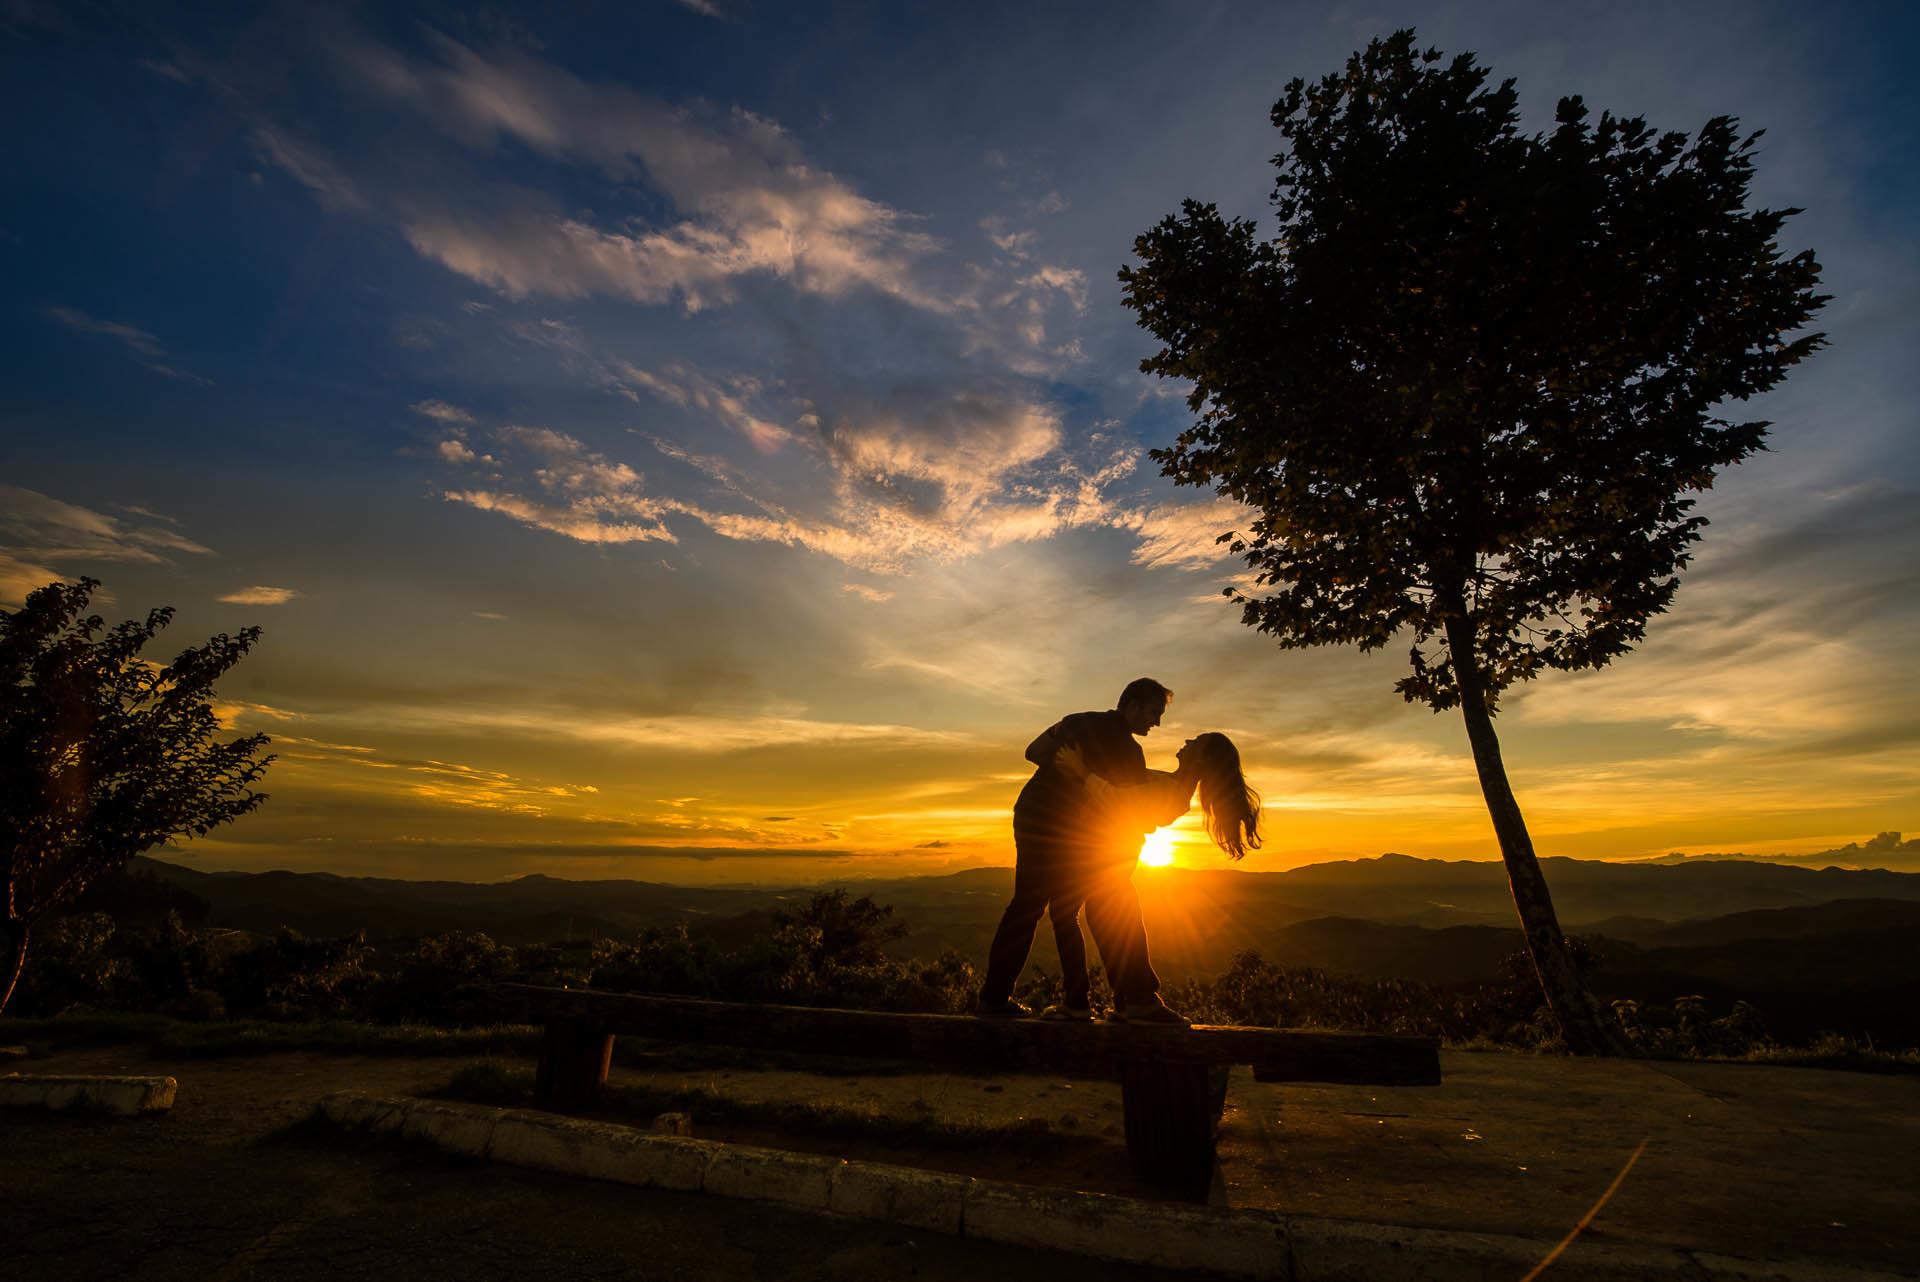 Contate Heber Oliveira - Fotografo Casamento SP Filme Casamento